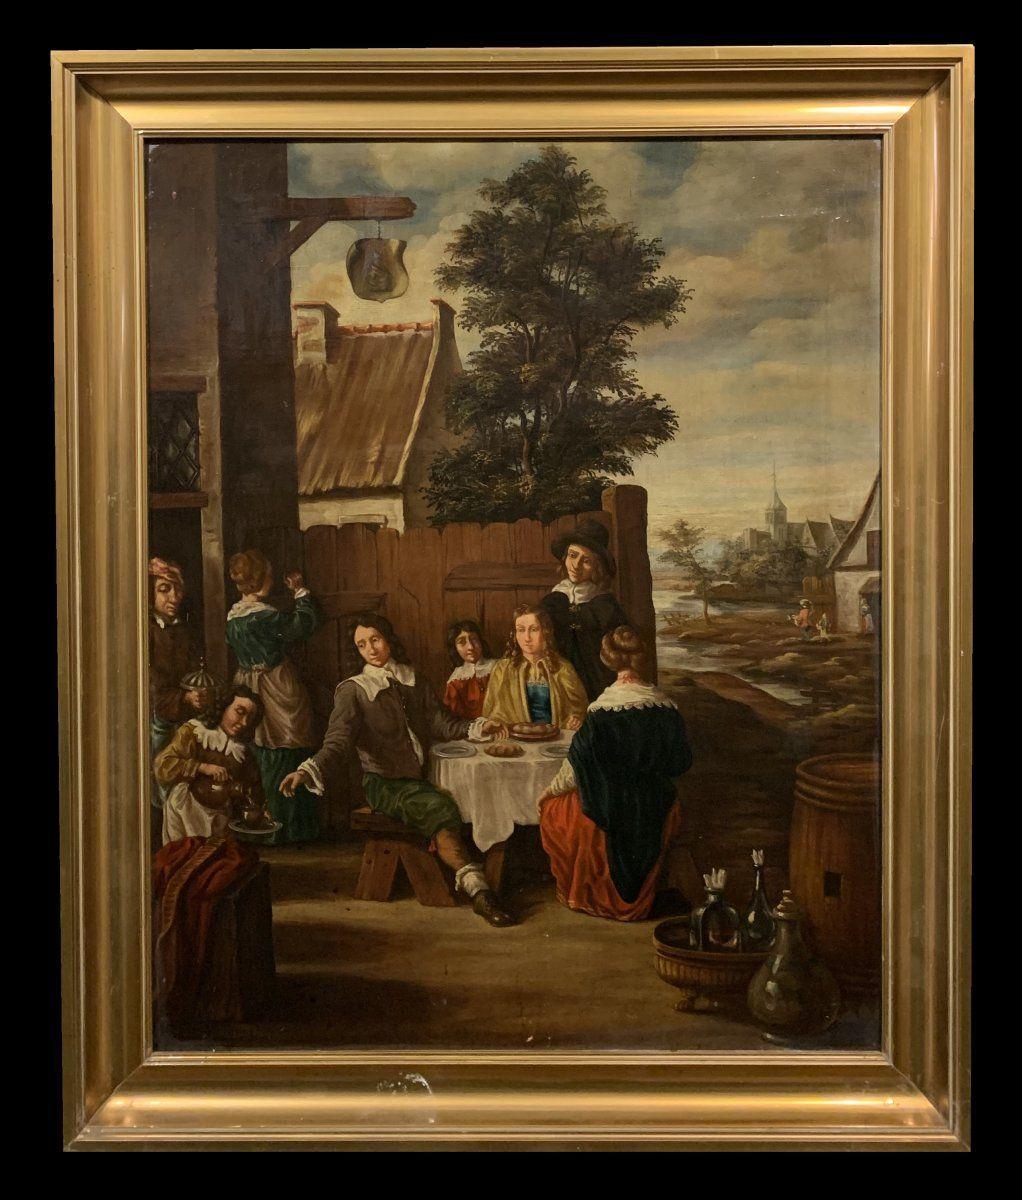 Scuola francese dall'inizio del XX secolo - Una kermesse a Holande (al seguito di Teniers)